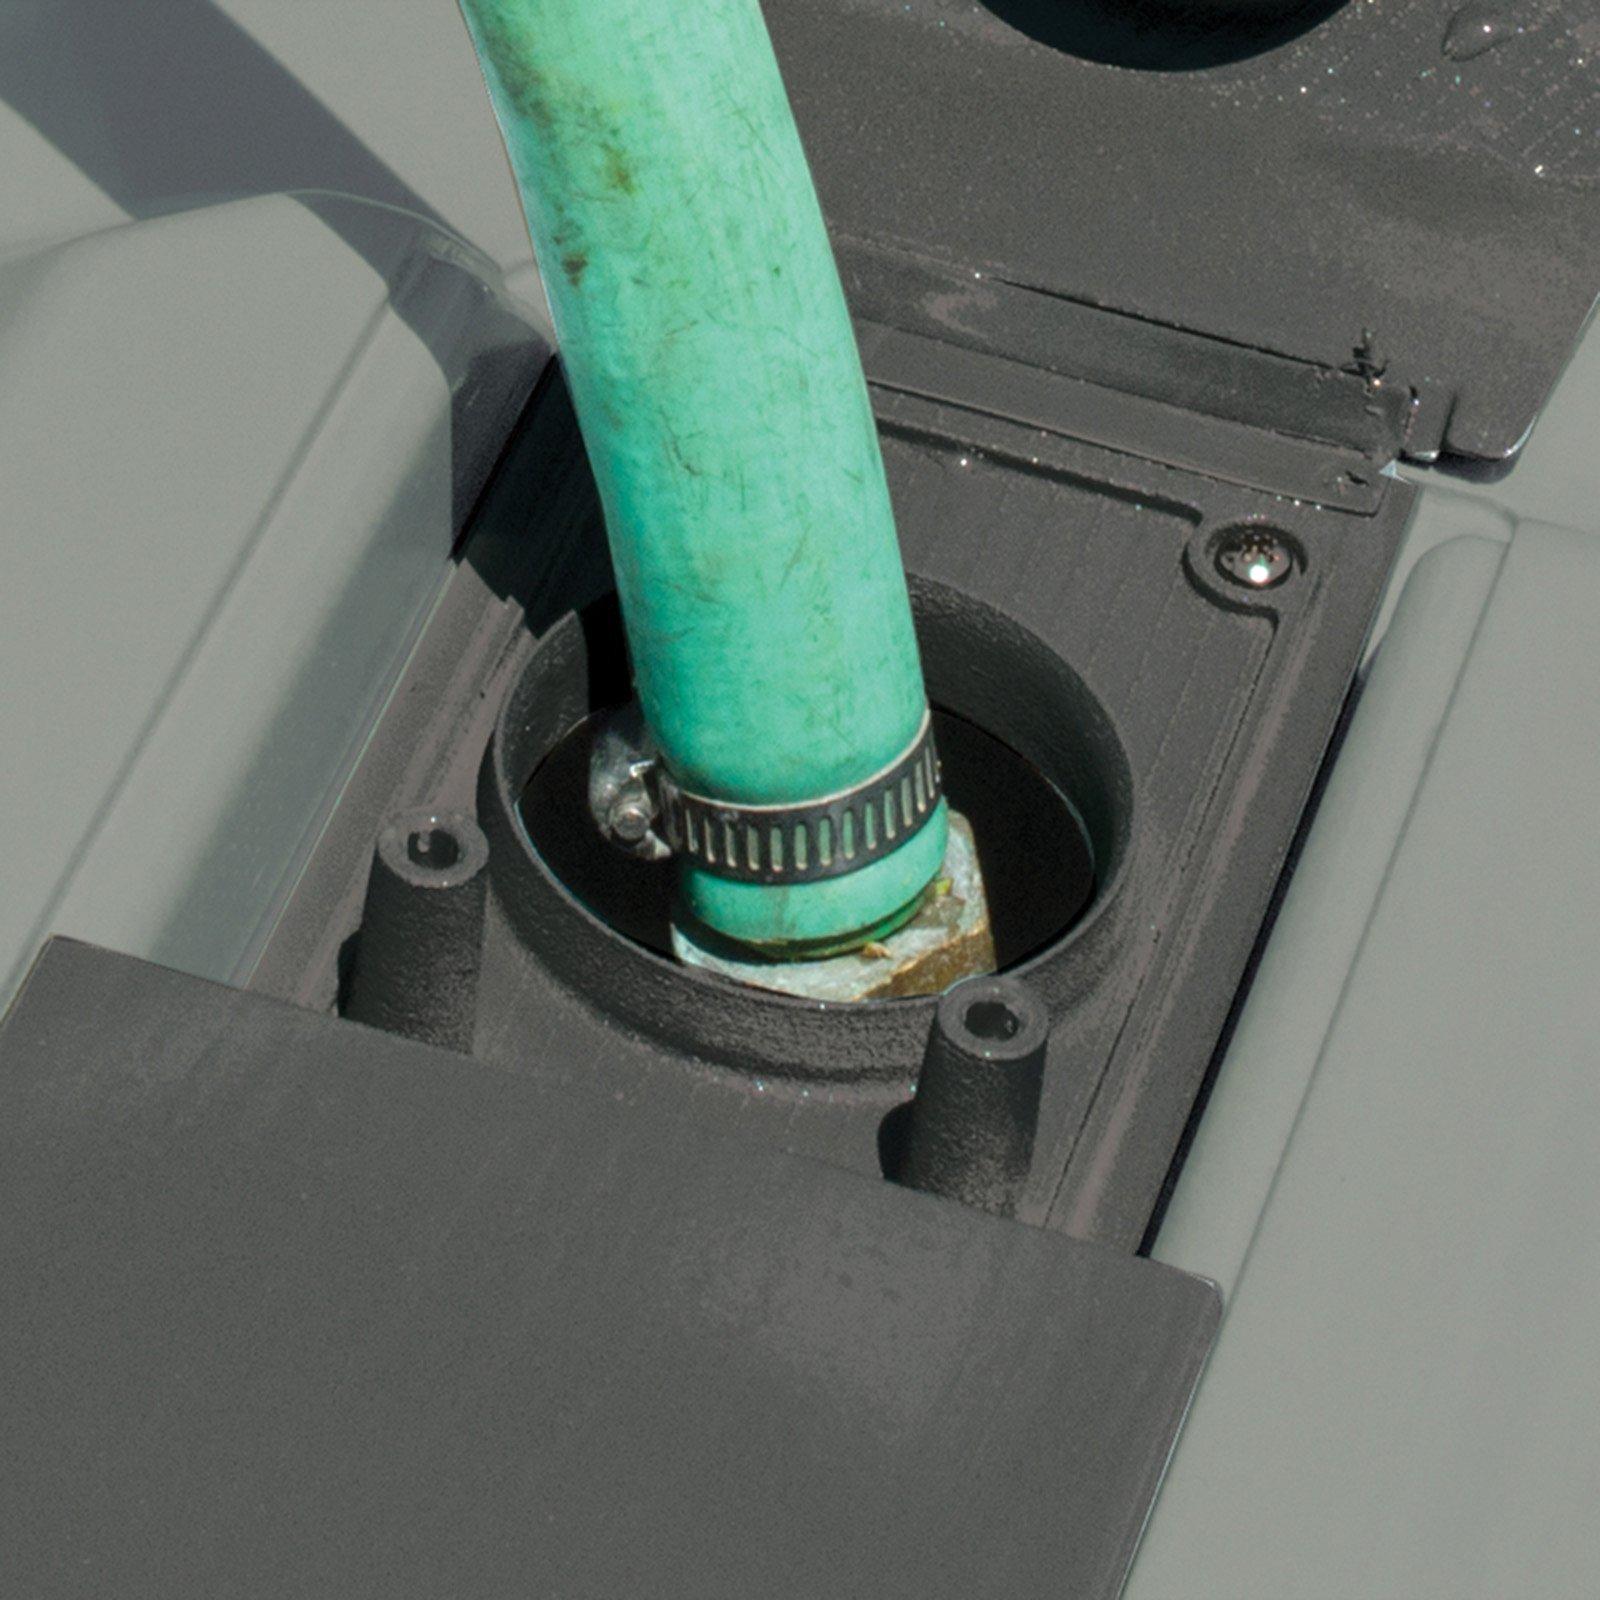 SmartTote2 RV Portable Waste Tote Tank - 2 Wheels - 35 Gallon -Thetford 40503 by SmartTote 2 (Image #2)